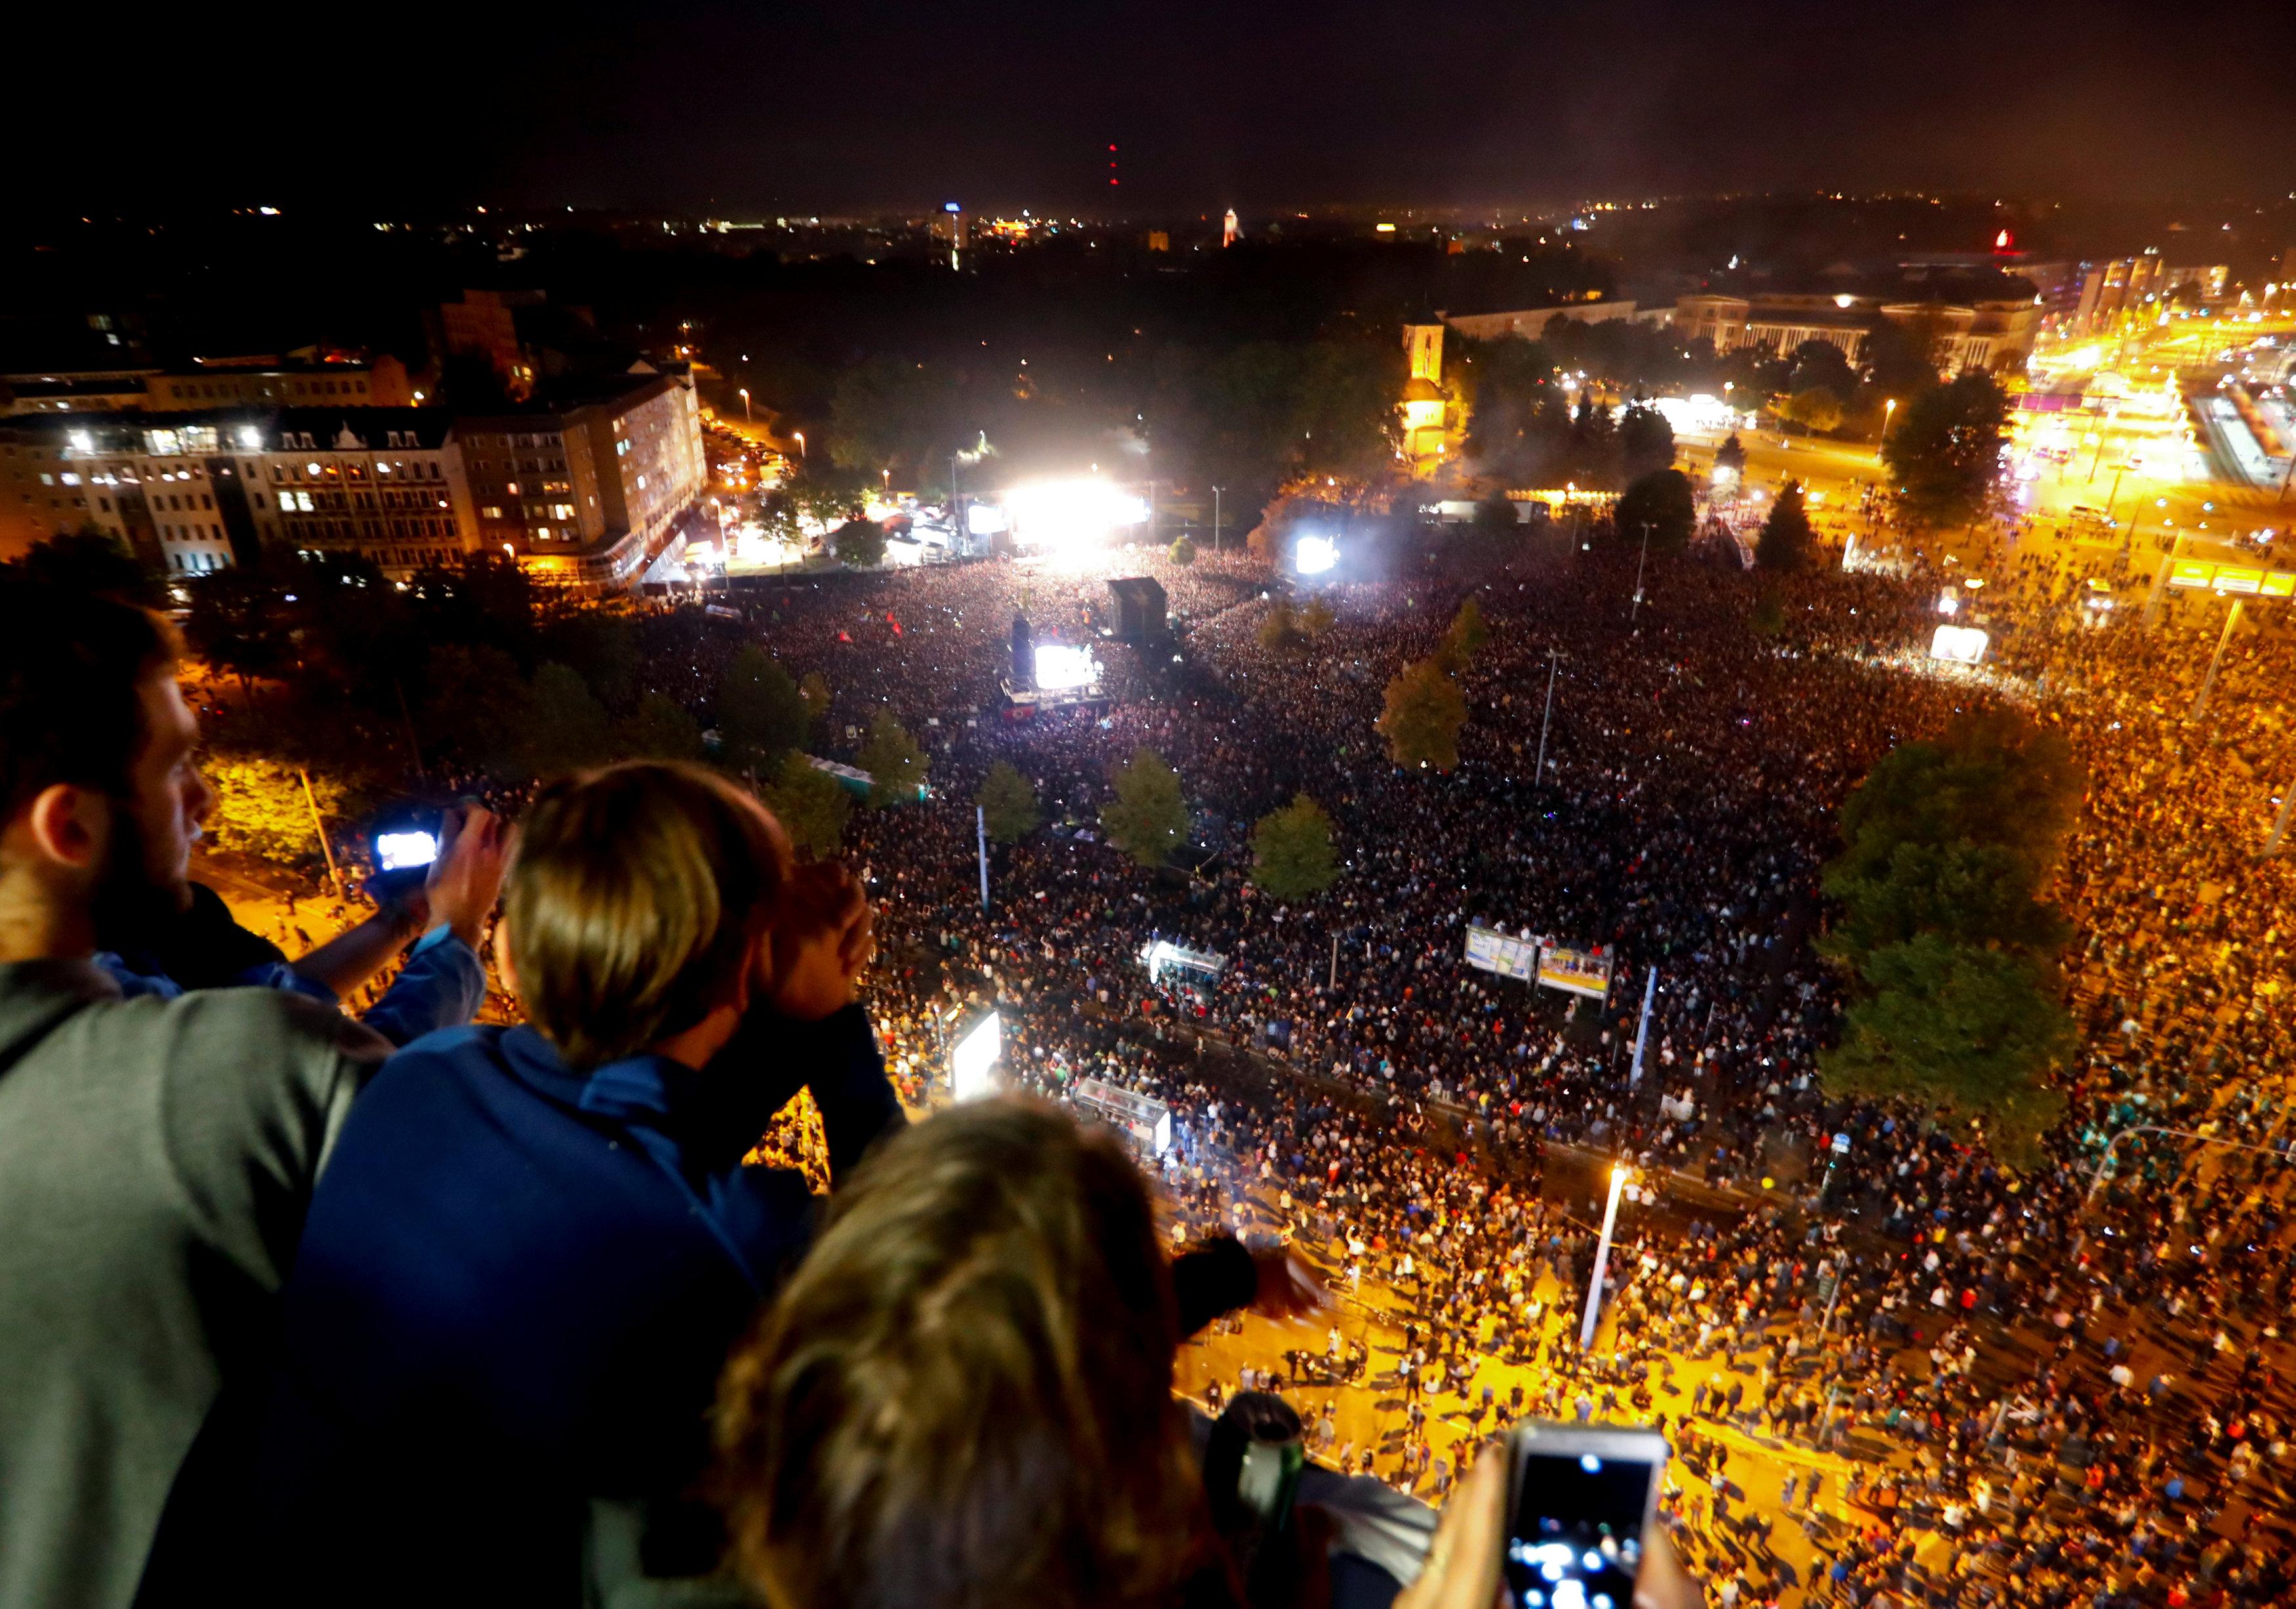 Personas observan el concierto contra el racismo en Chemnitz (Reuters/ Hannibal Hanschke)